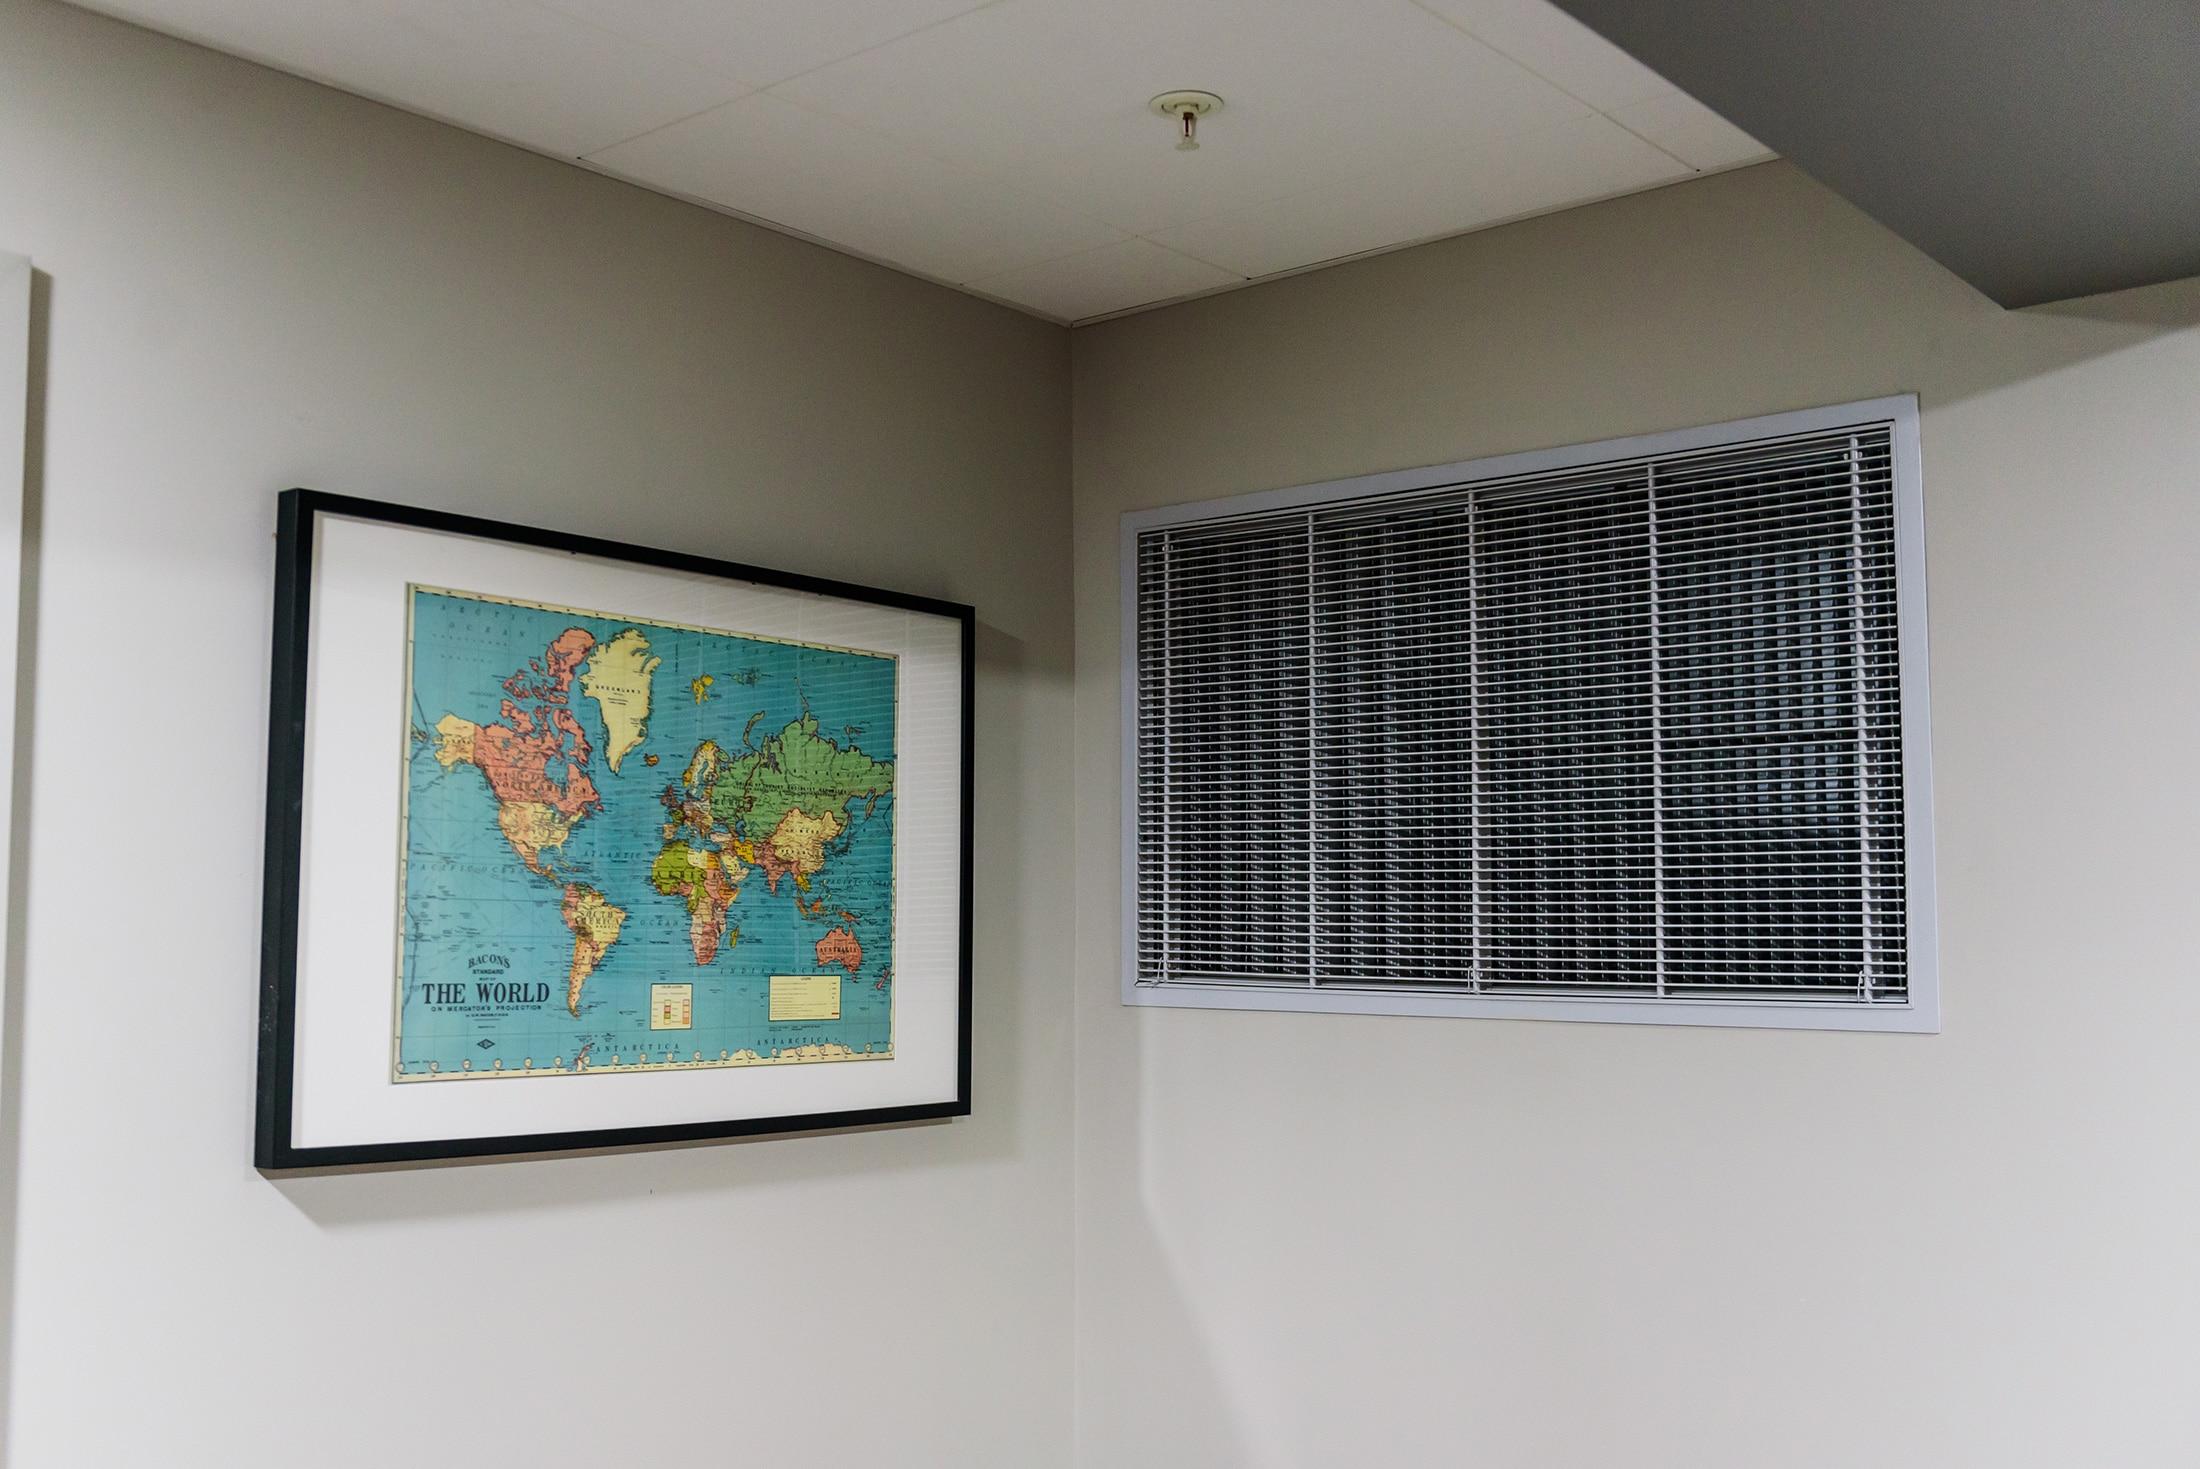 Apartment Ventilation